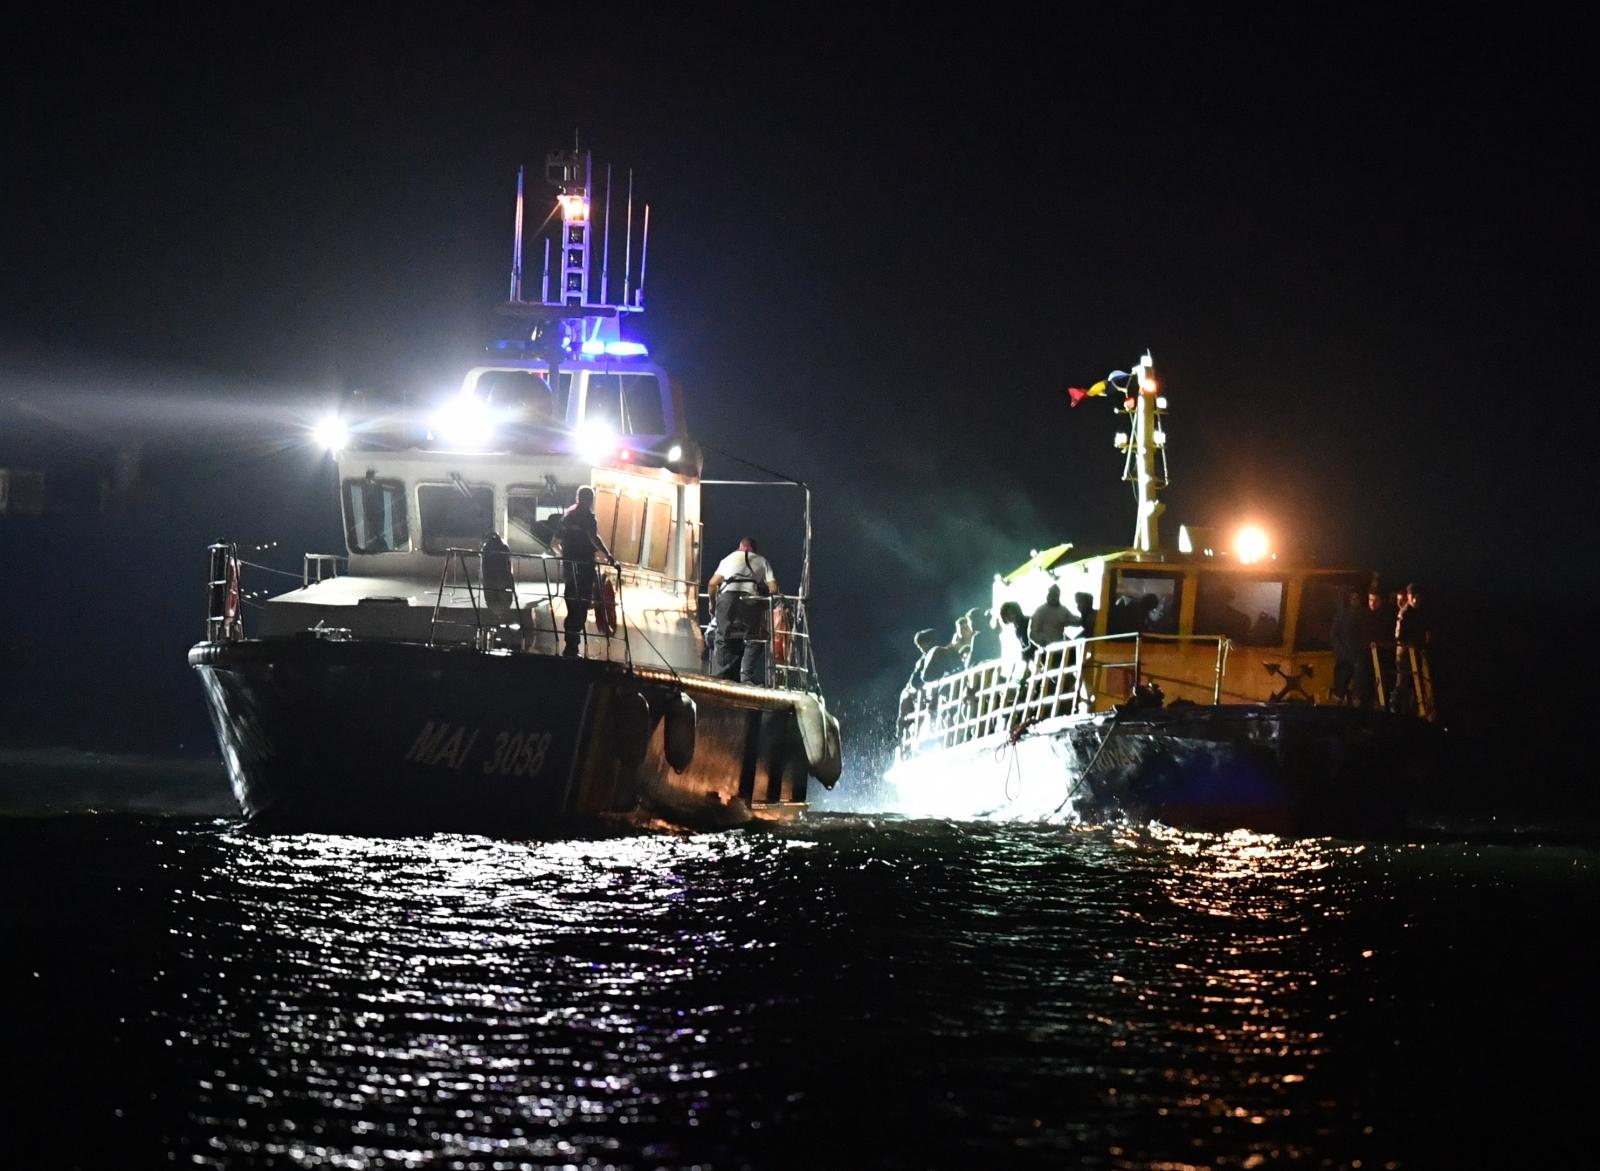 Romania Migrant Rescue Black Sea